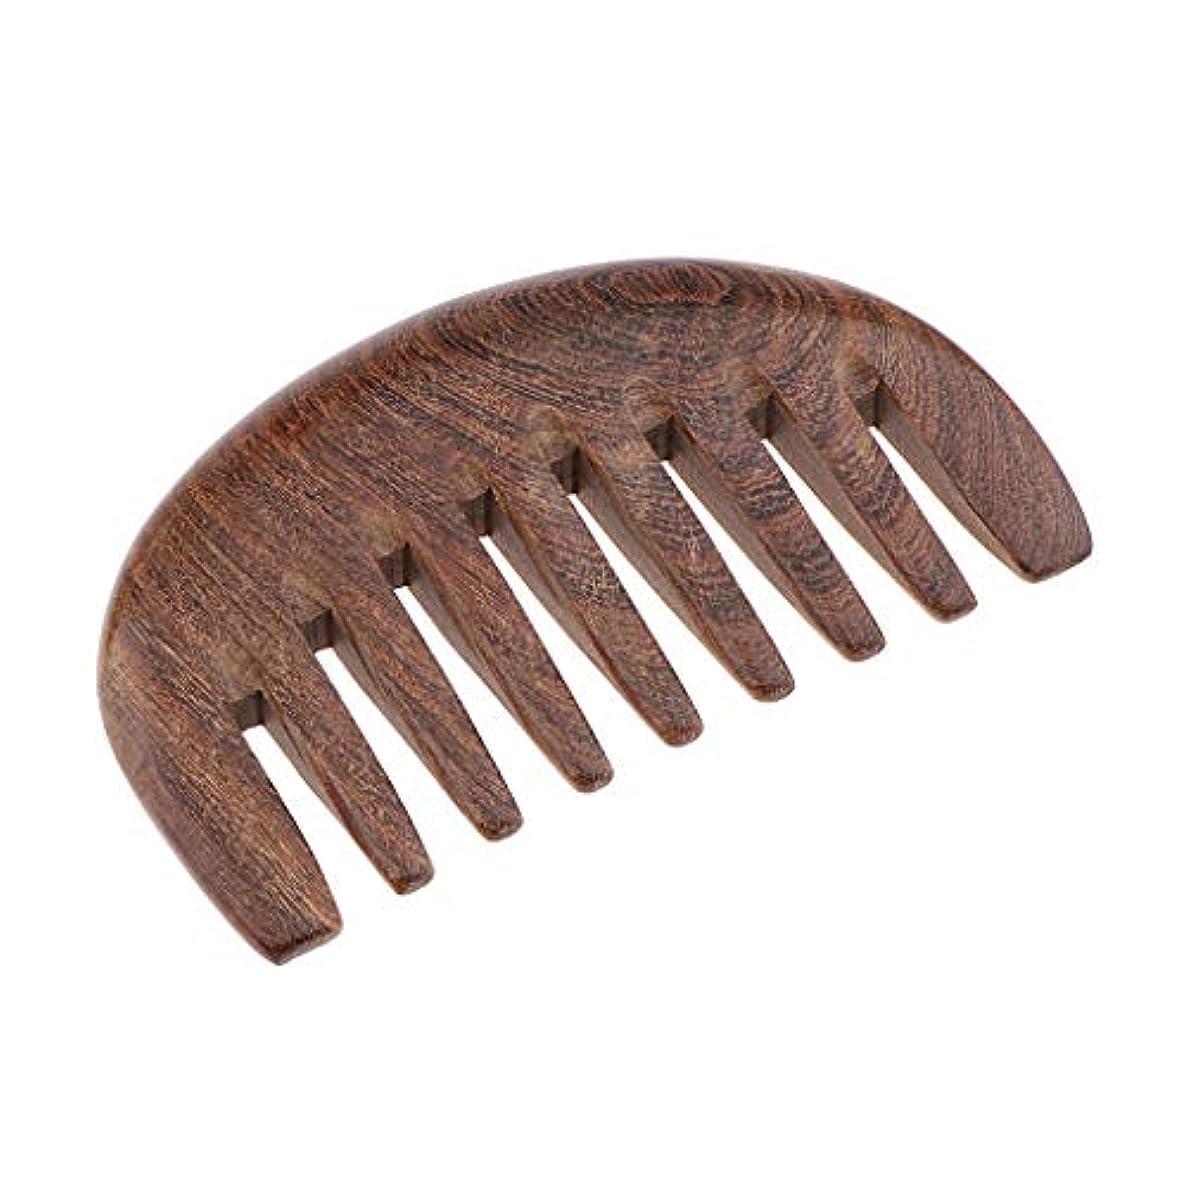 強います困ったほこりっぽい木製櫛 ヘアブラシ 帯電防止櫛 人間工学 3色選べ - クロロフォラ